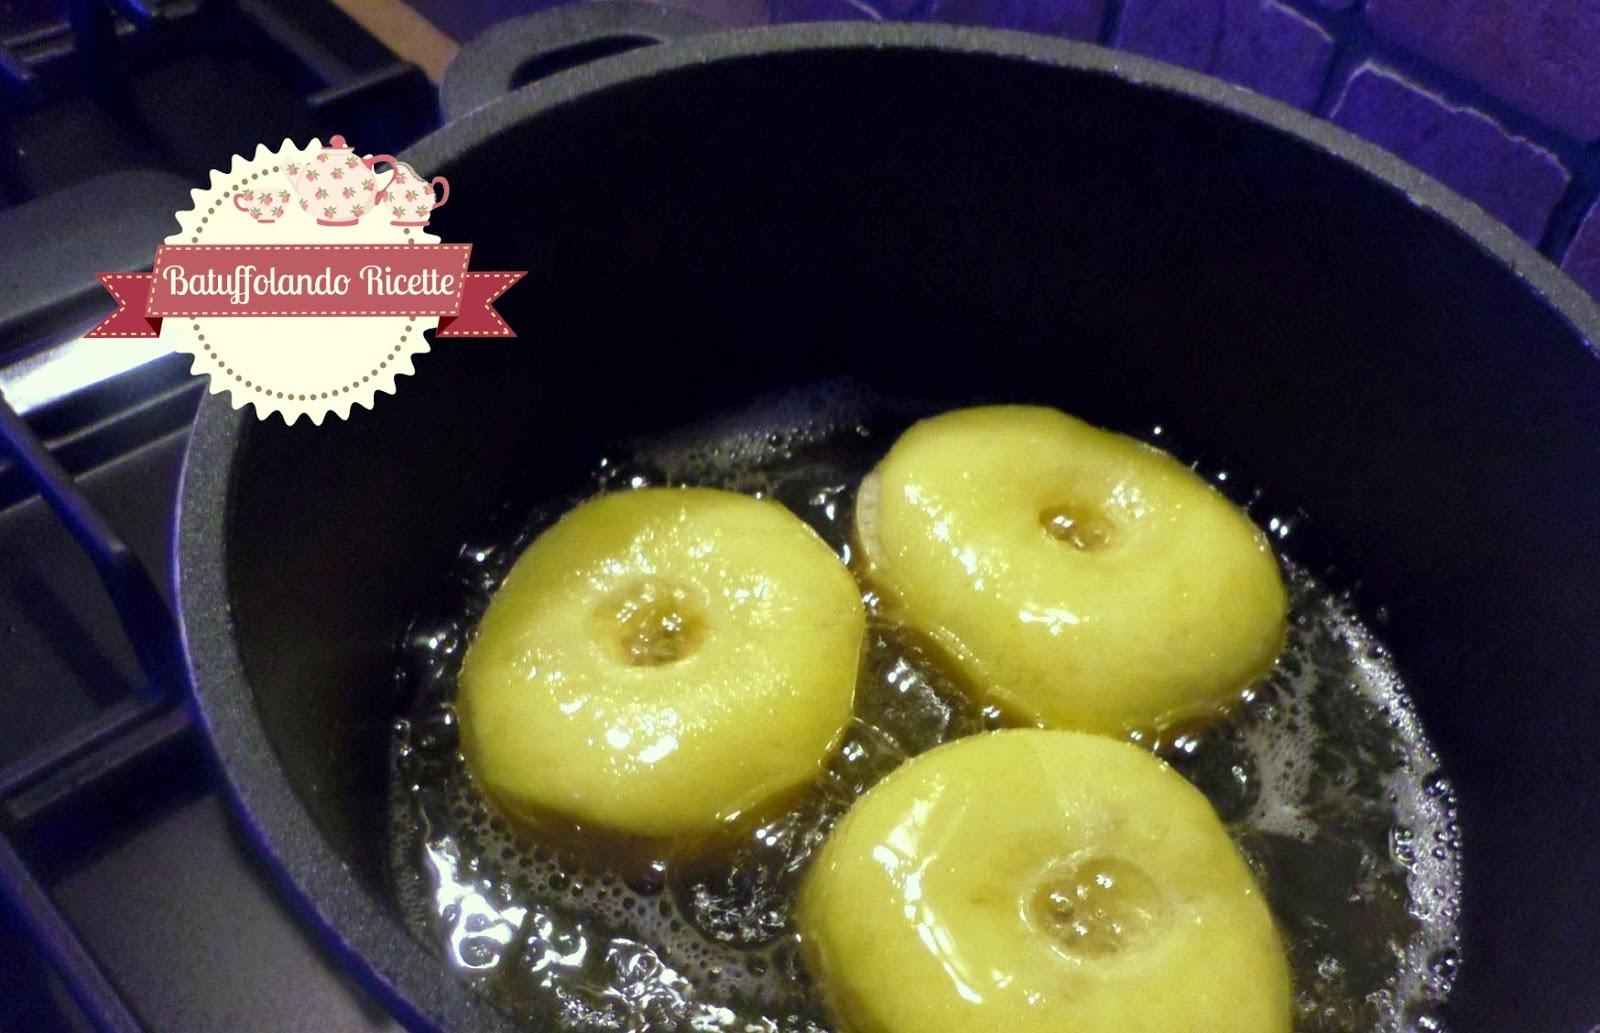 Dolci Da Credenza Bombe E Ciambelle : Batuffolando ricette krapfen alla crema e ciambelle fritte